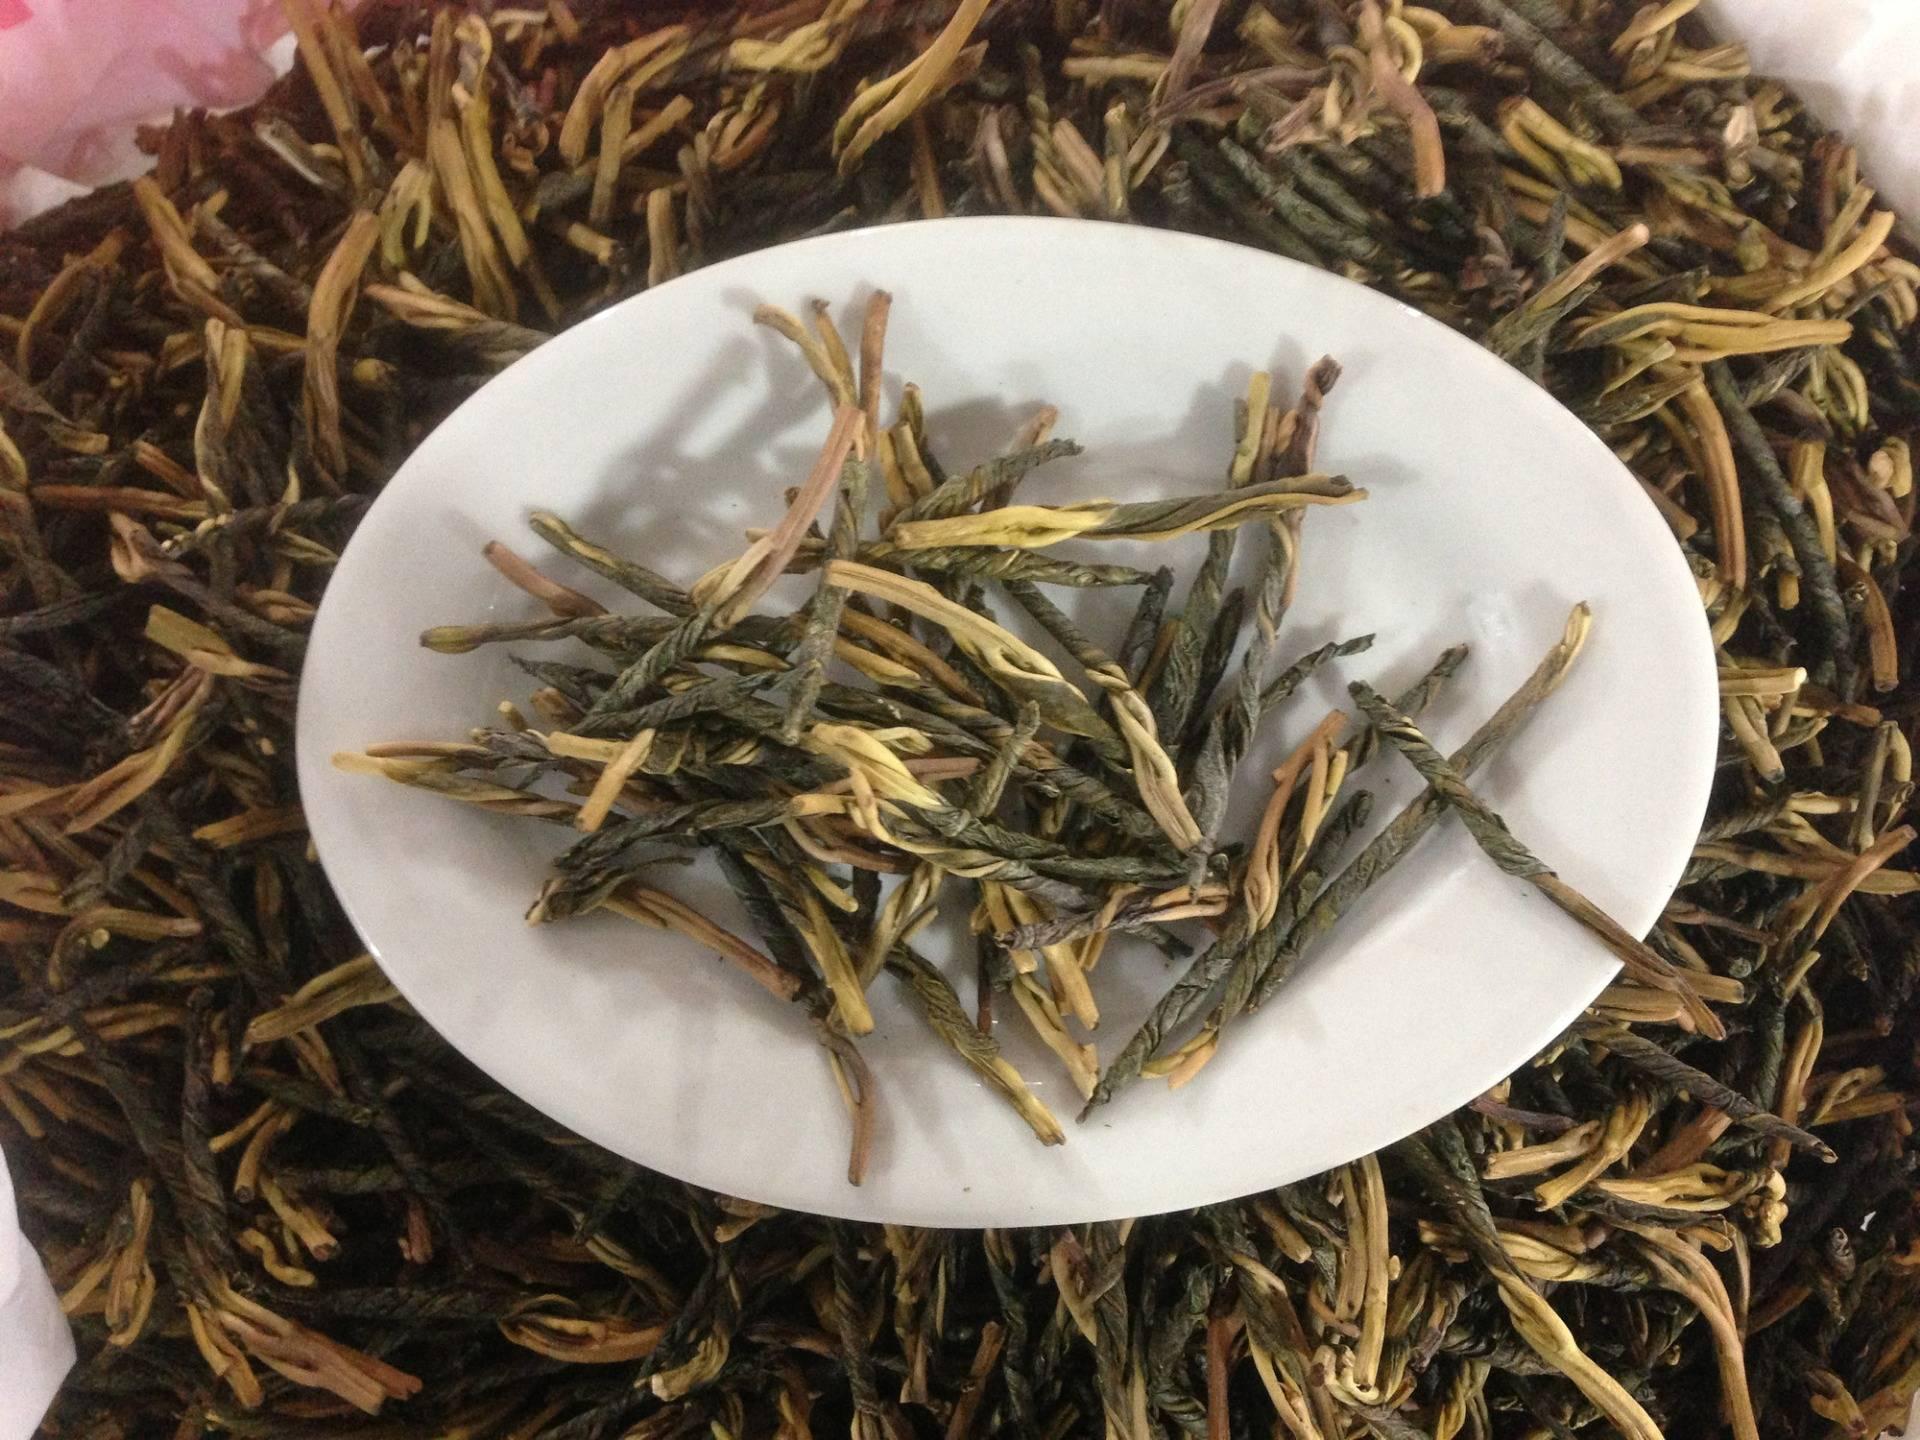 Чай кудин: польза и вред, полезные свойства, как заваривать и пить